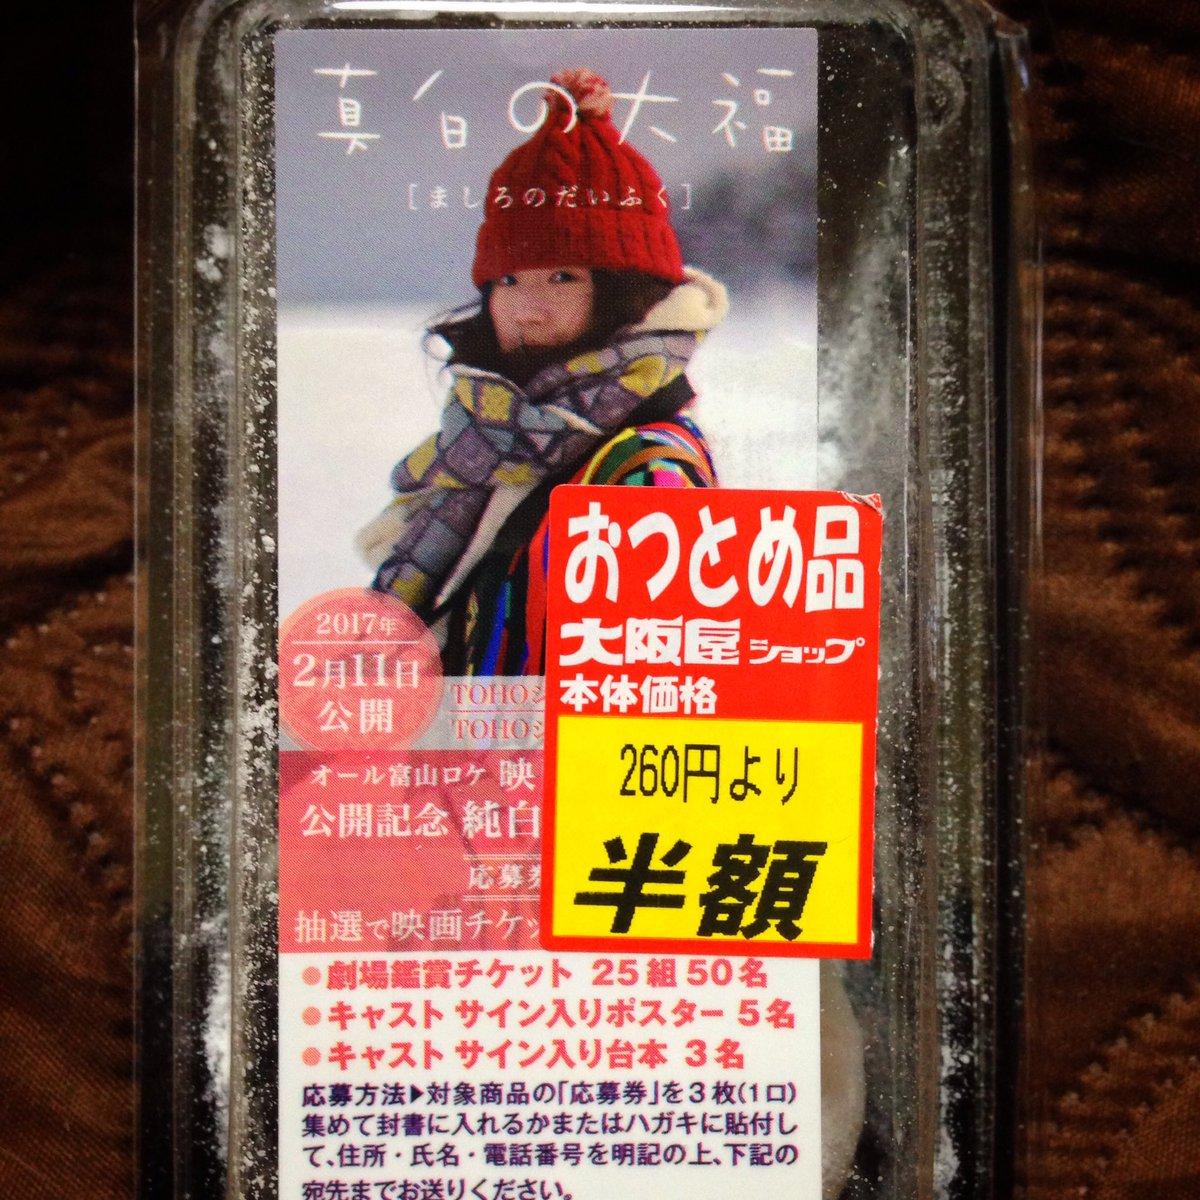 ましろのだいふく?! 「真白の恋」2/11公開です。富山がいっぱい出てきます。久しぶりの心にしみるシネマです。是非大切な人と一緒に観てください。#真白の恋 https://t.co/vQHCHZ90PR